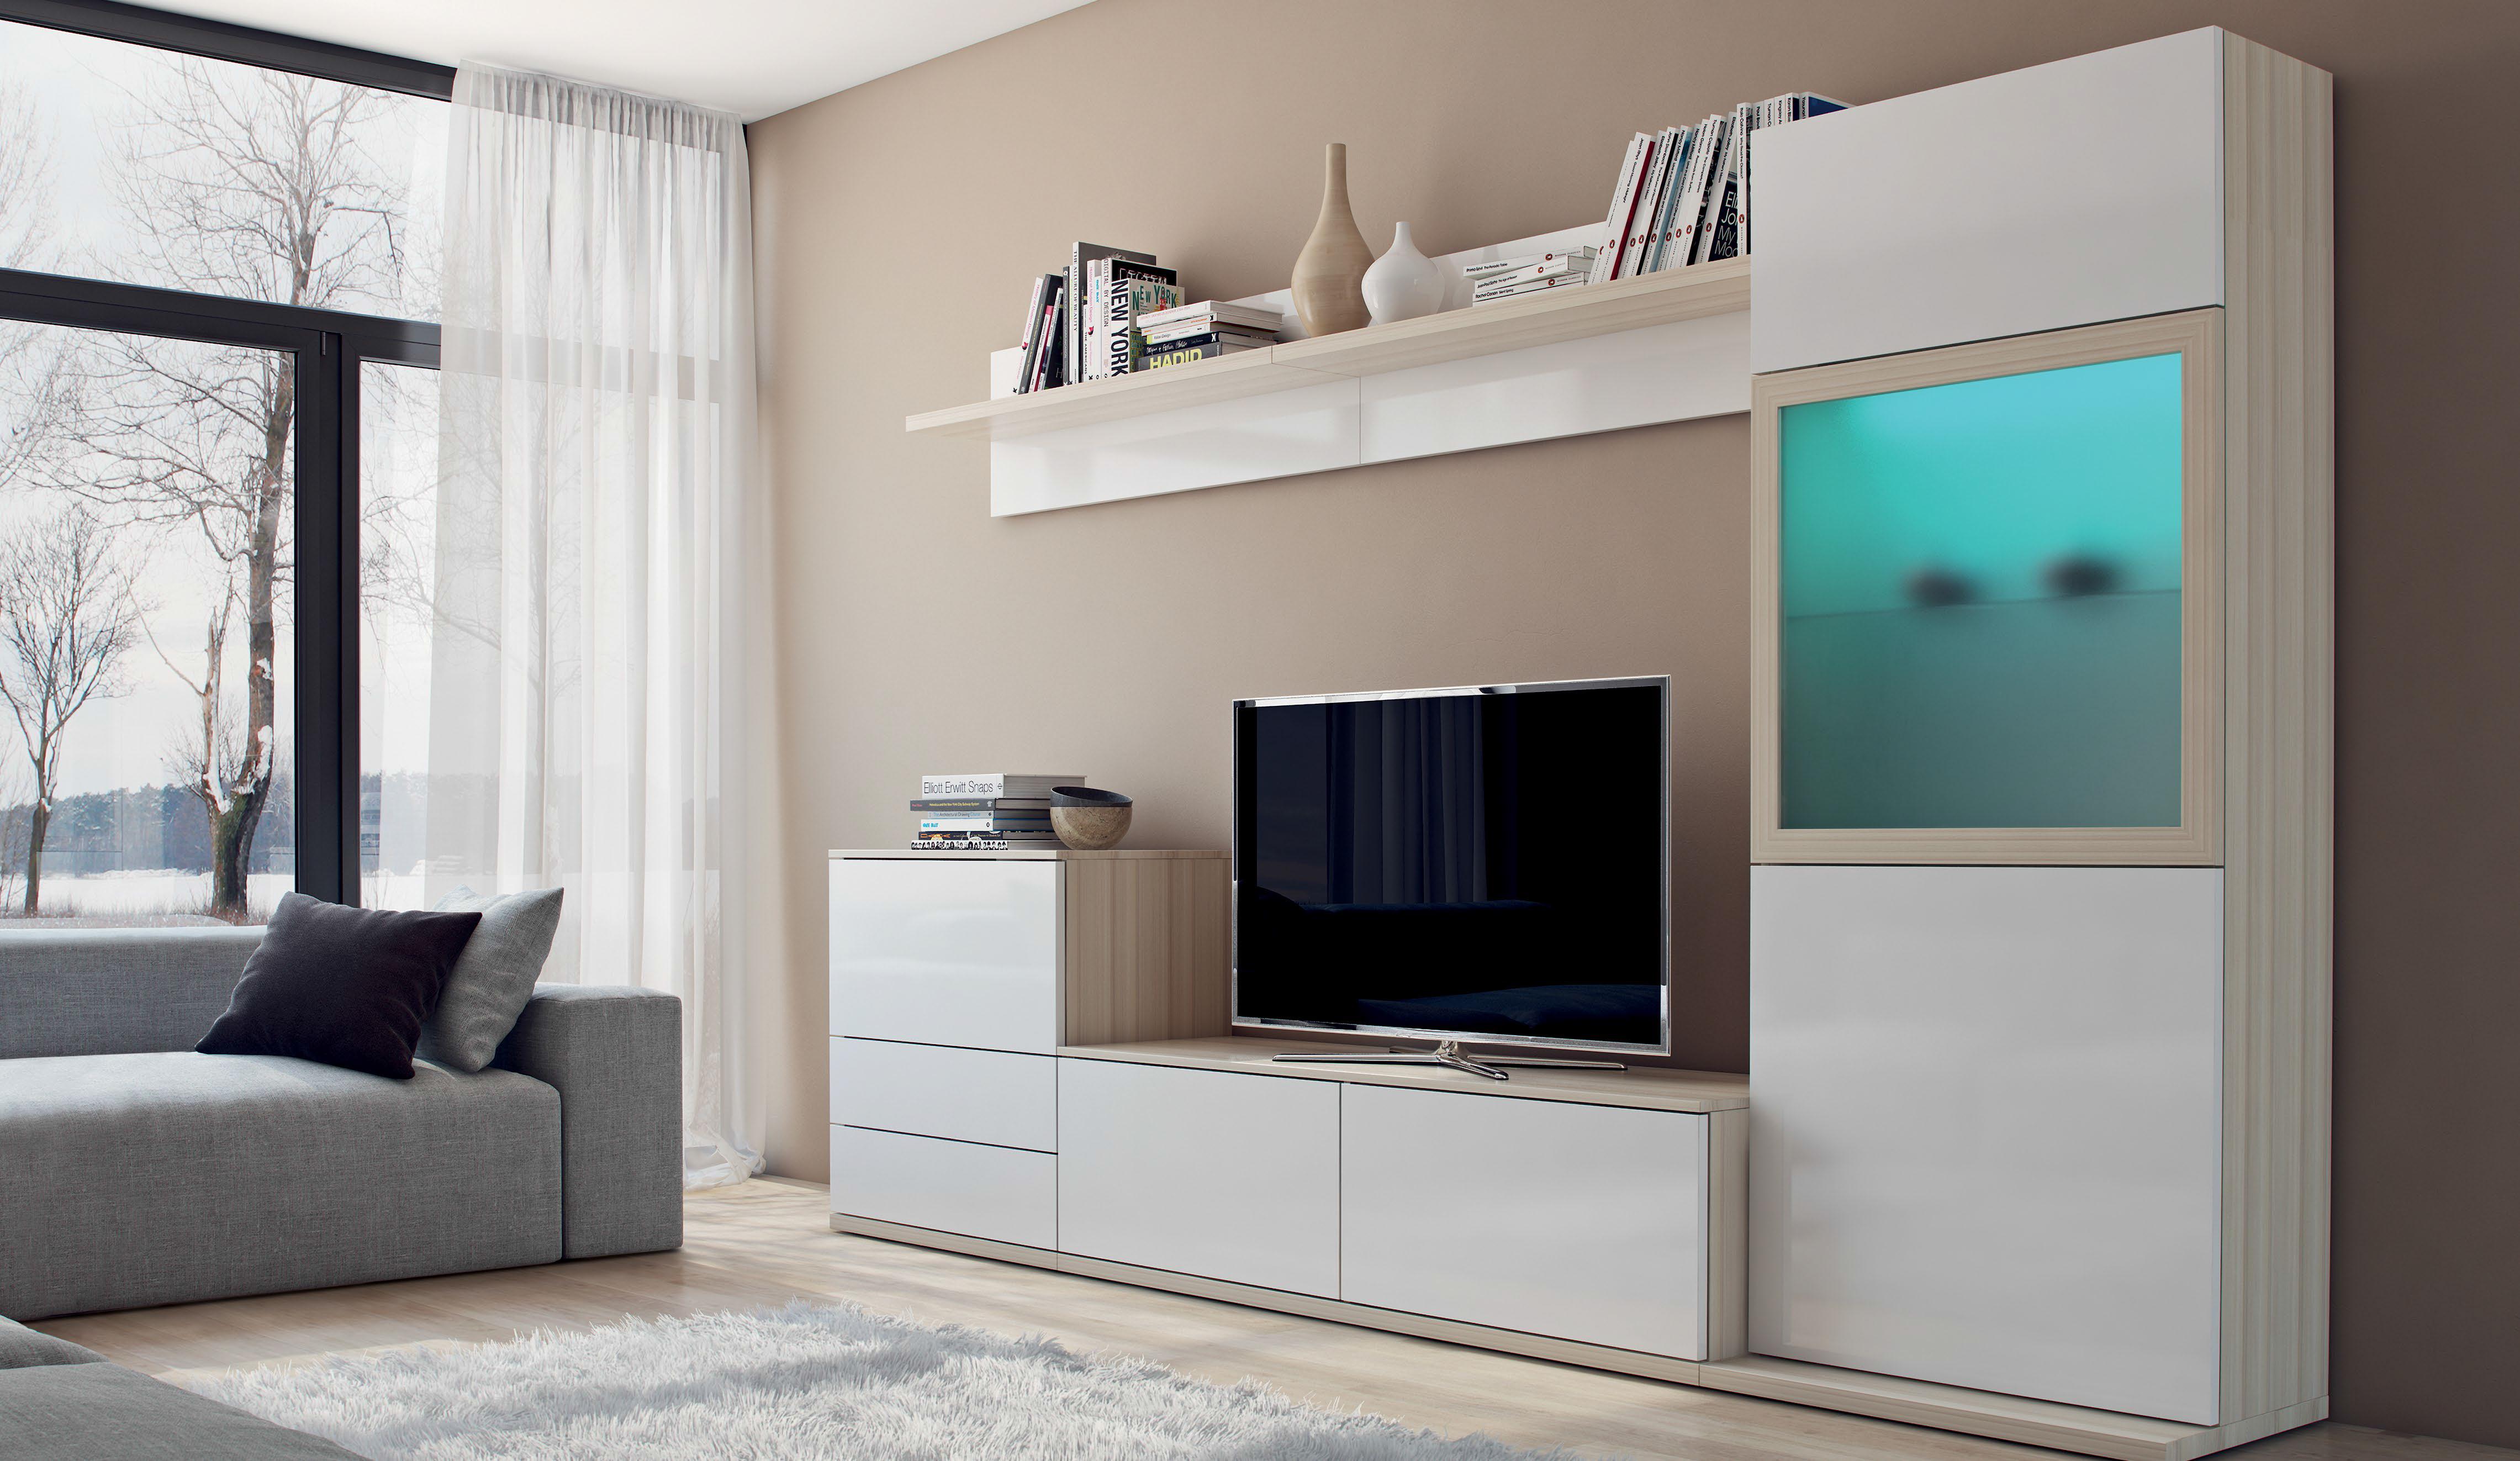 Обустройство и оформление комнаты